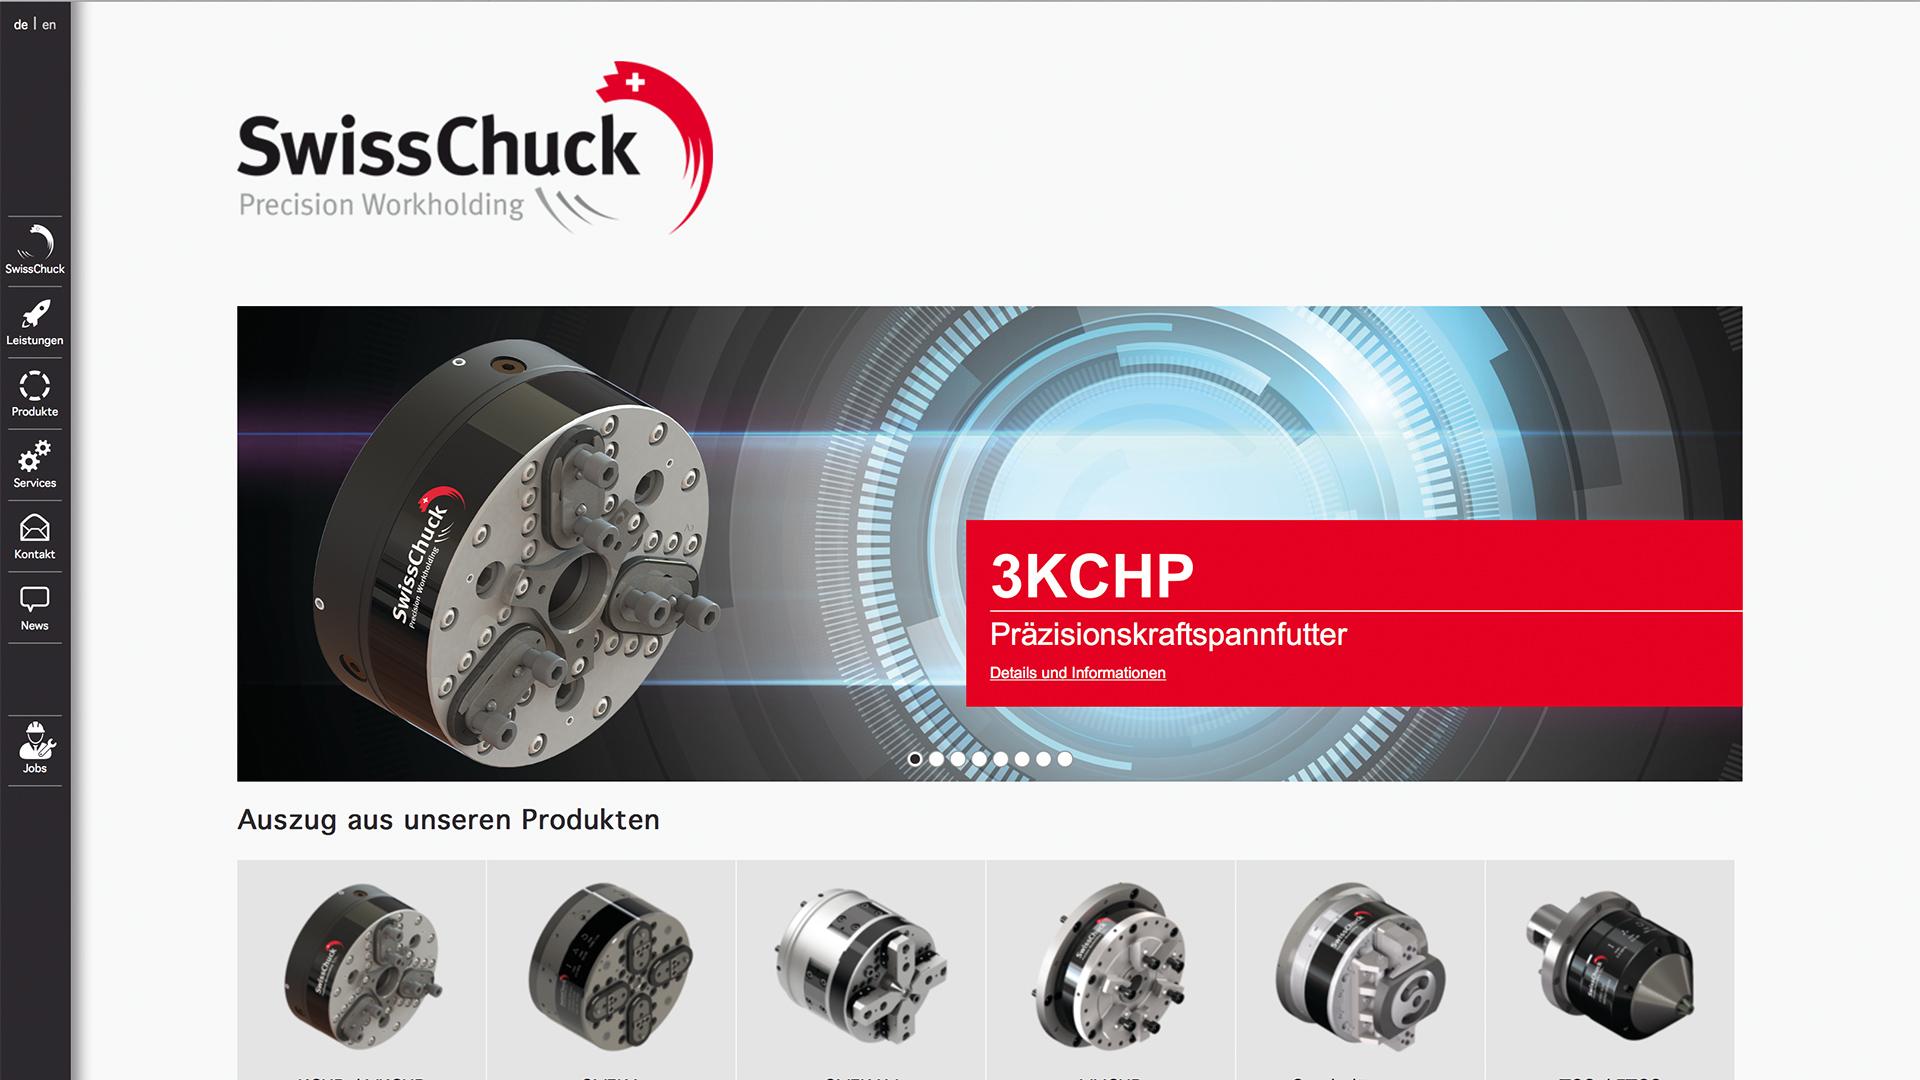 Bild 1 vom SwissChuck AG, Frontseite